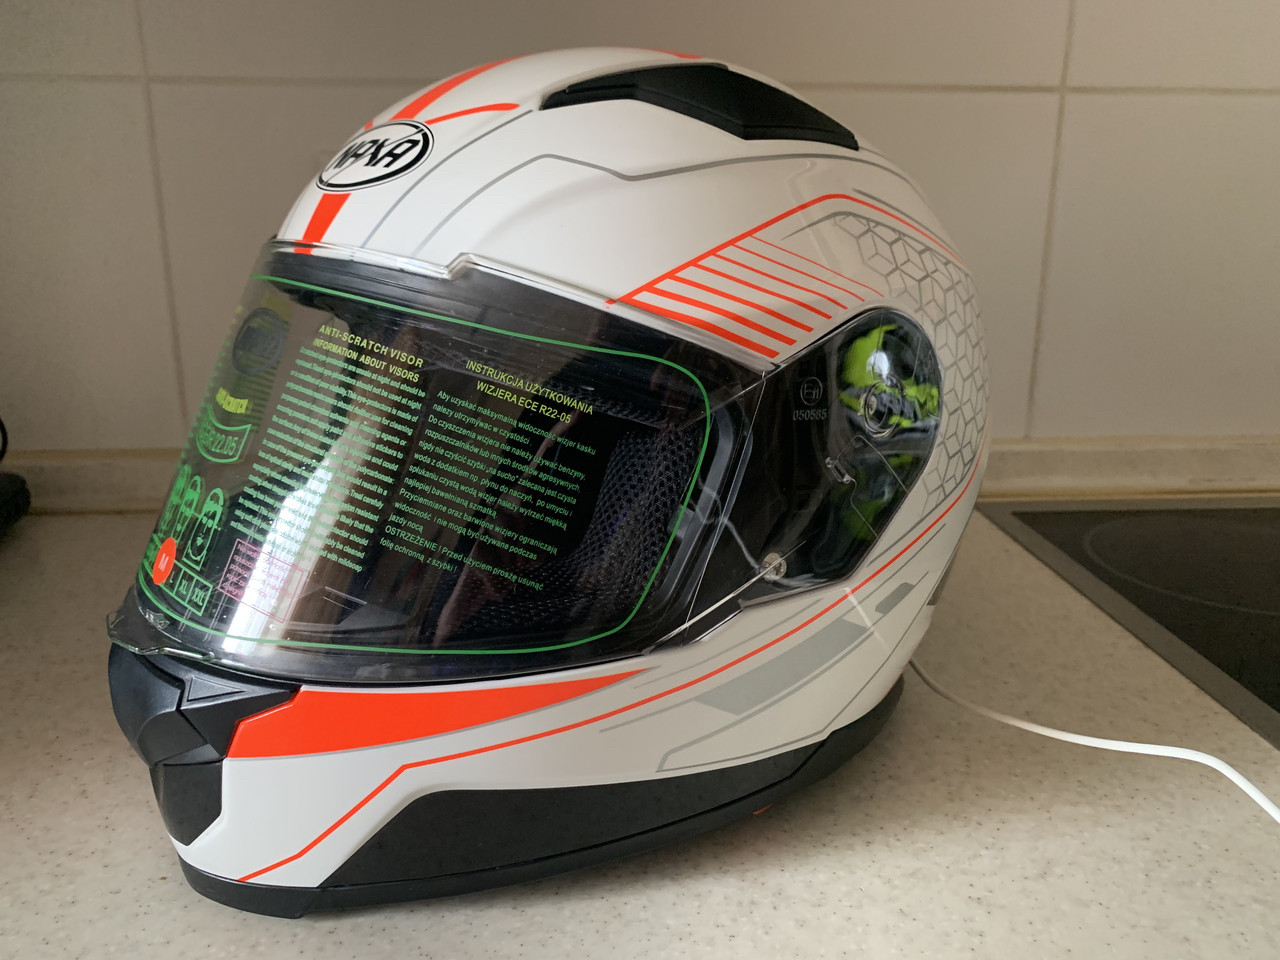 Мото шлем оригинал Европа закрытый бело-оранжевый  Naxa pro (Польша) сертифицирован